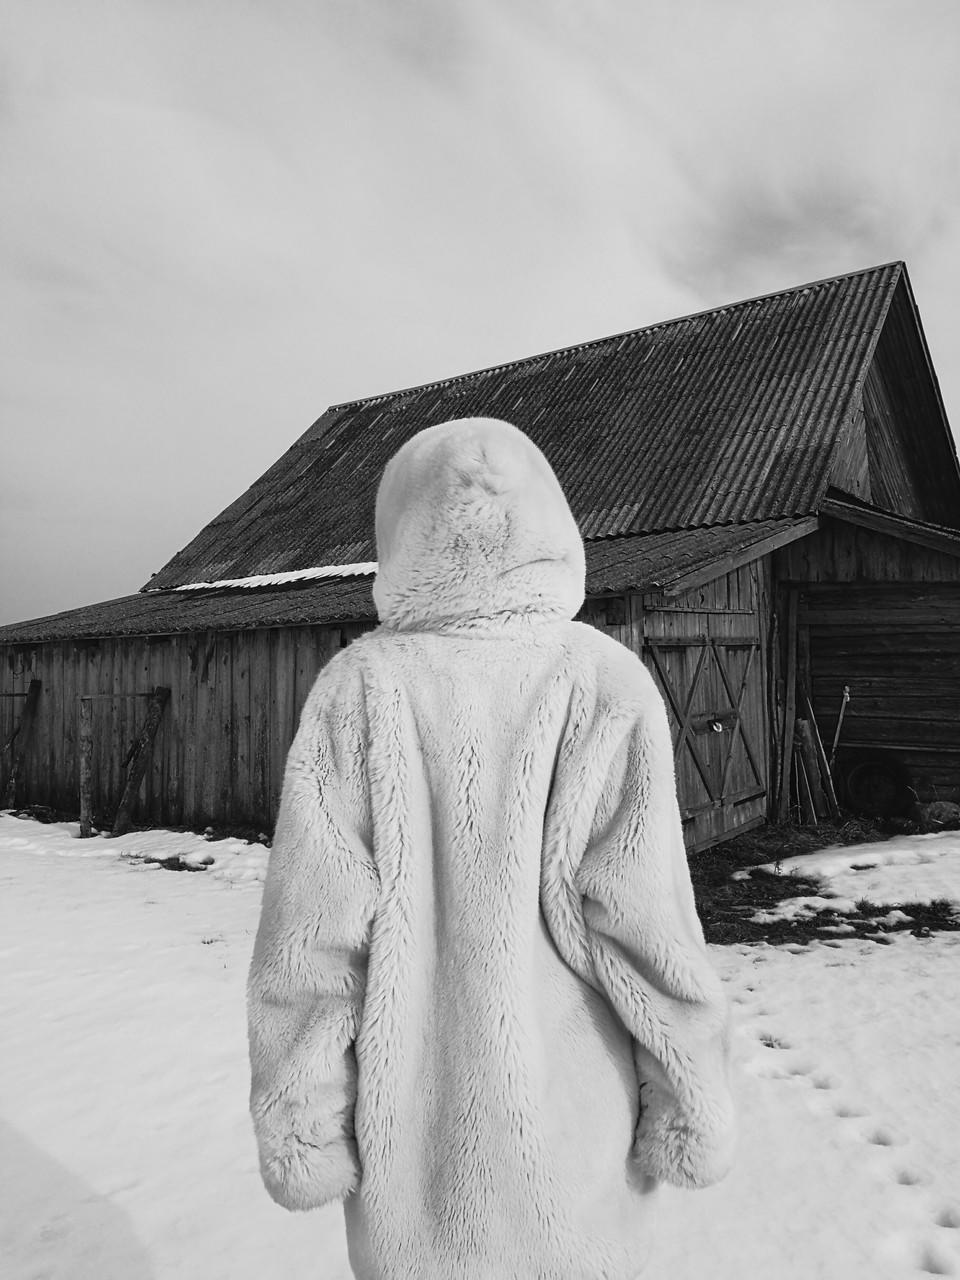 Человек – медведь, © Евгений Путилов, Конкурс мобильной фотографии Huawei